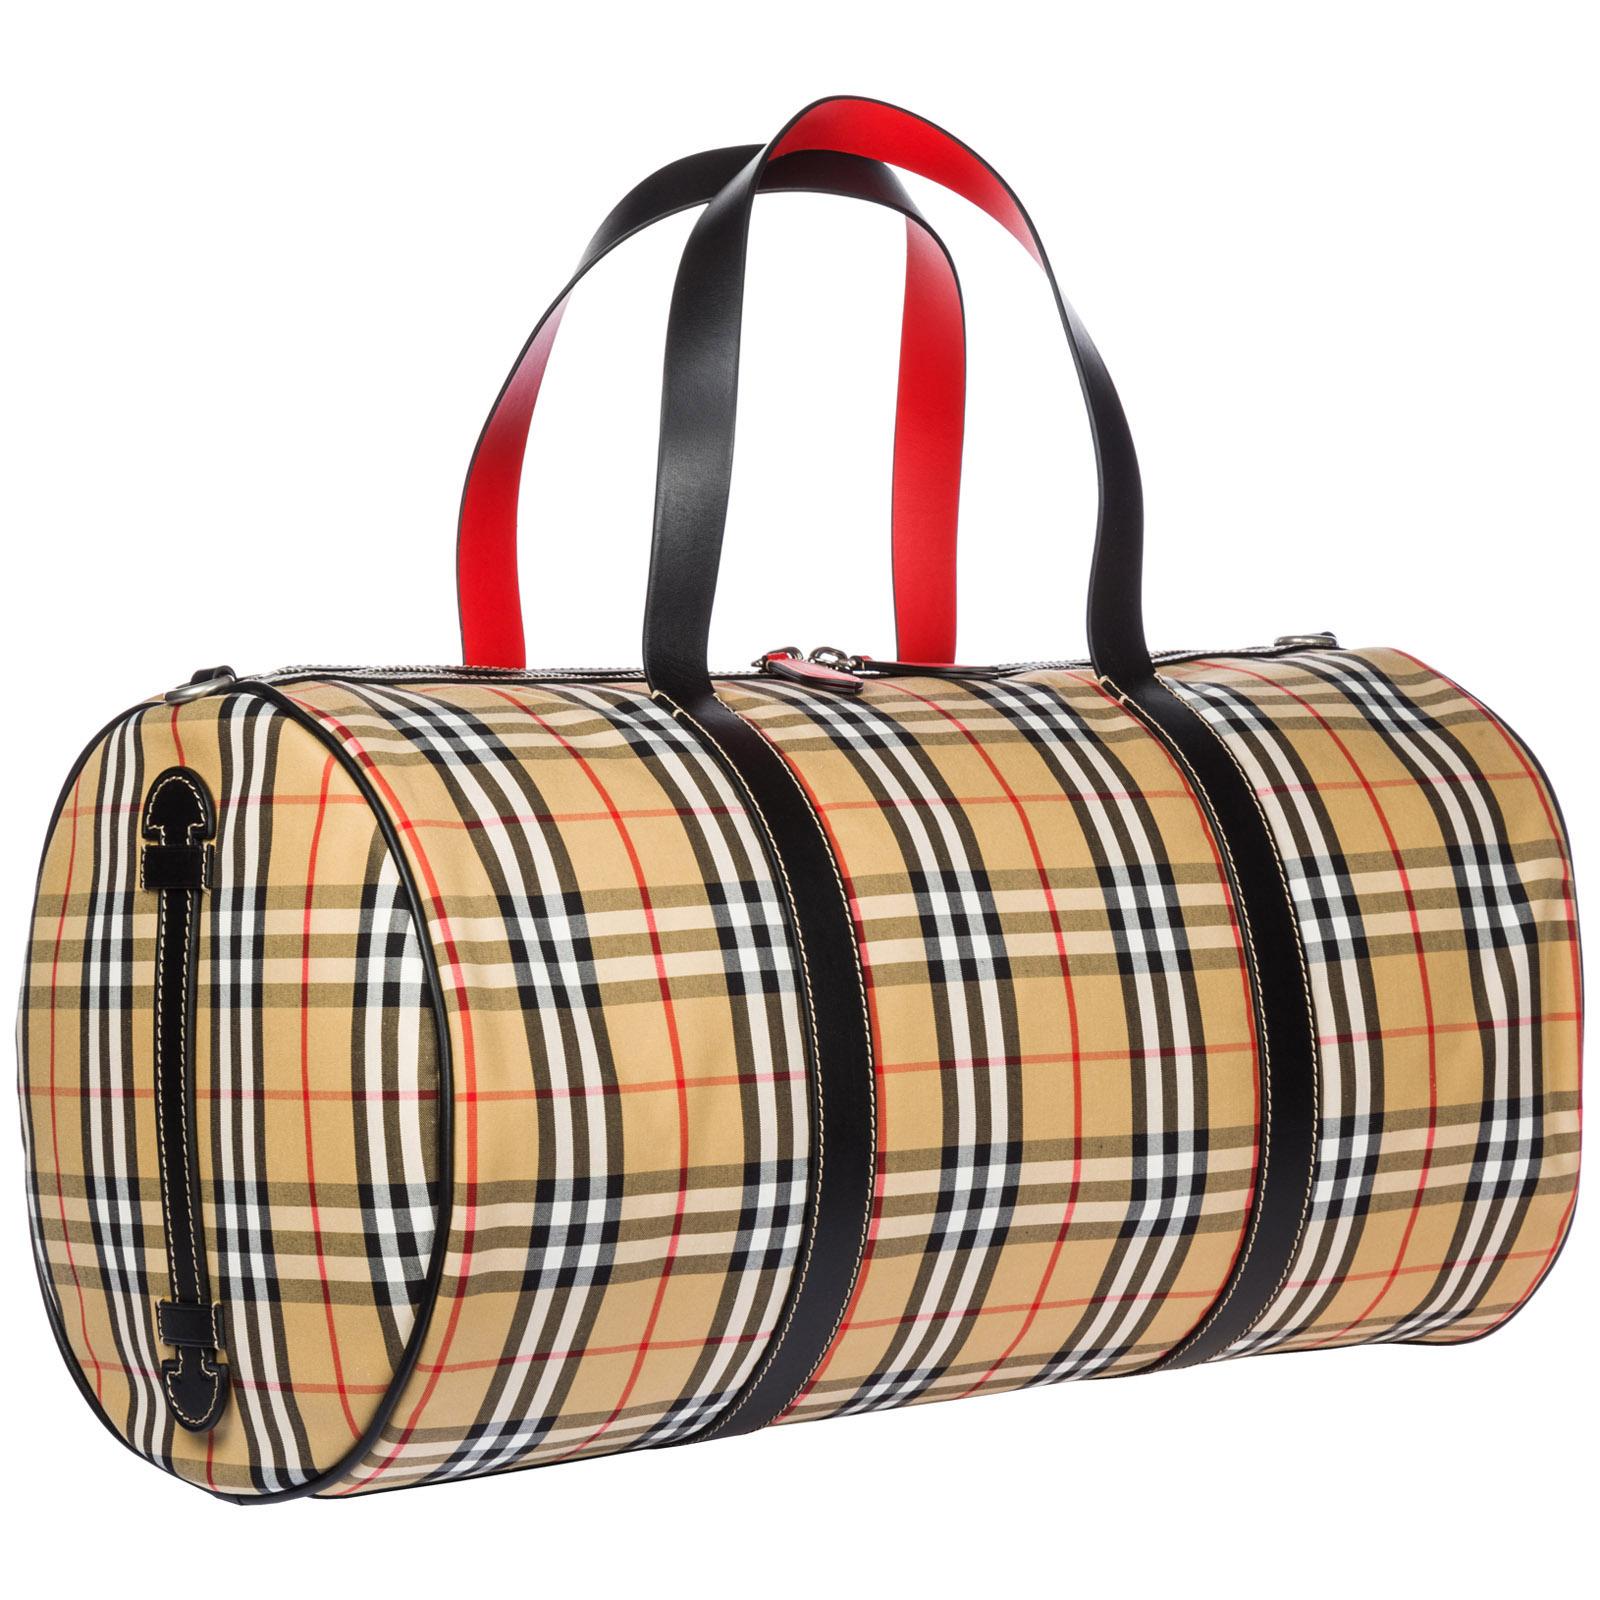 Duffle bag Burberry Kennedy 40742791 military red   FRMODA.com a18a45e3d6